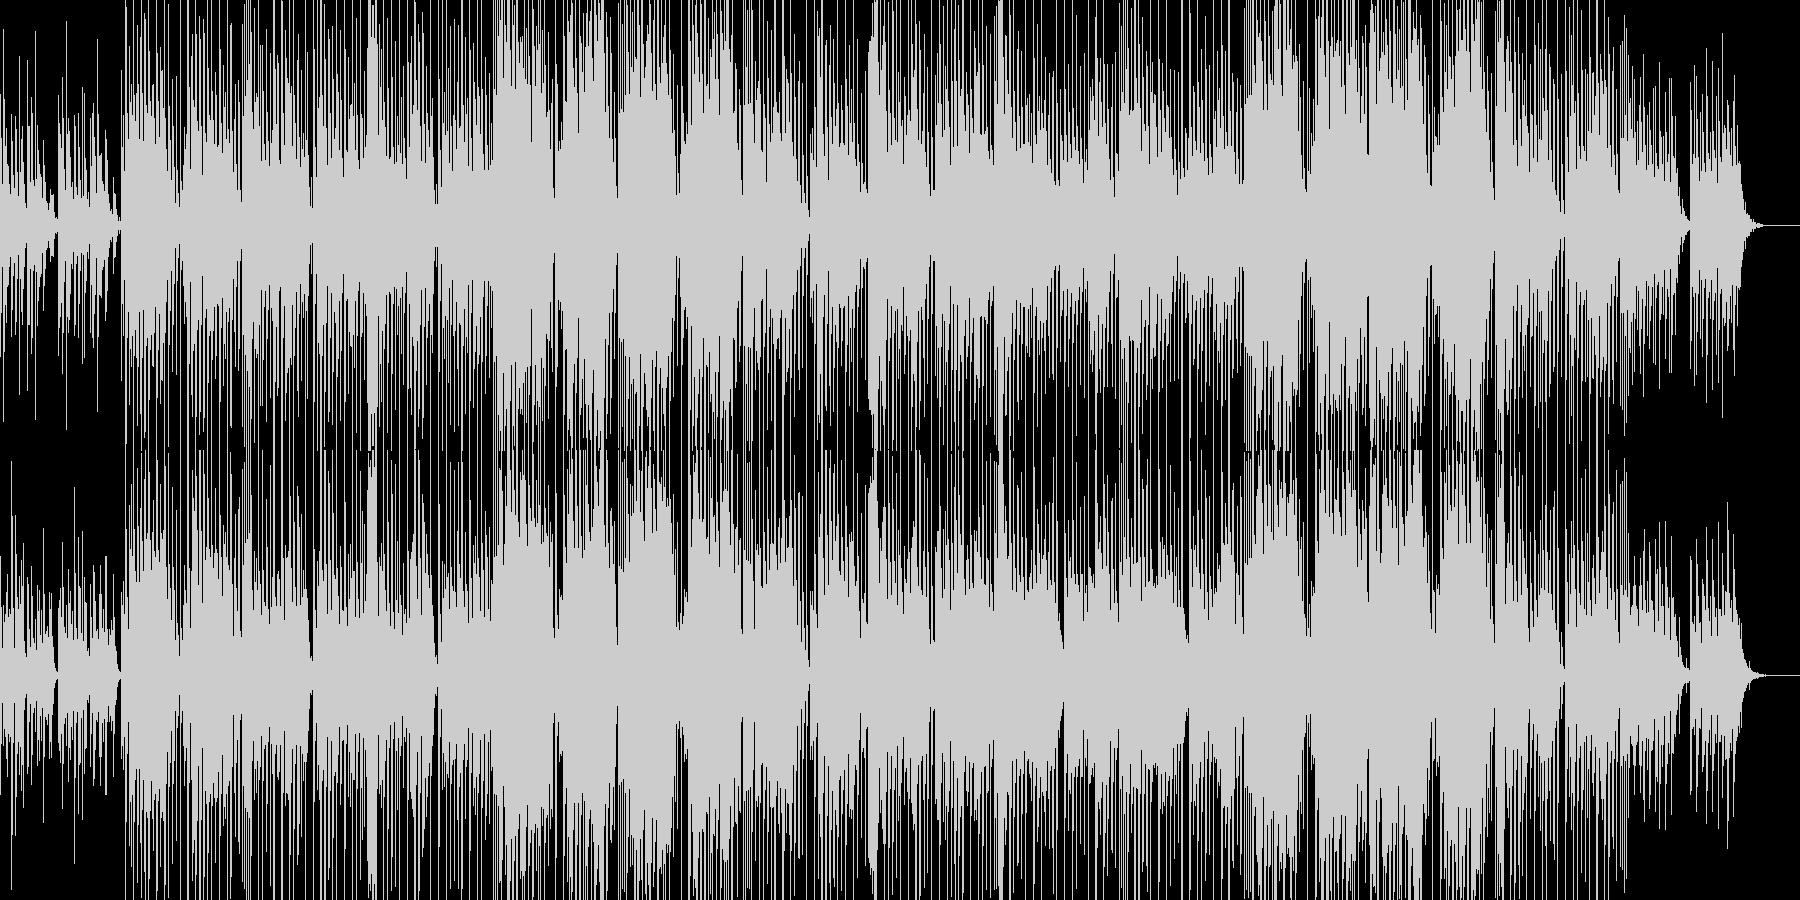 爽やかでカワイイ感じのほのぼのしたBGMの未再生の波形